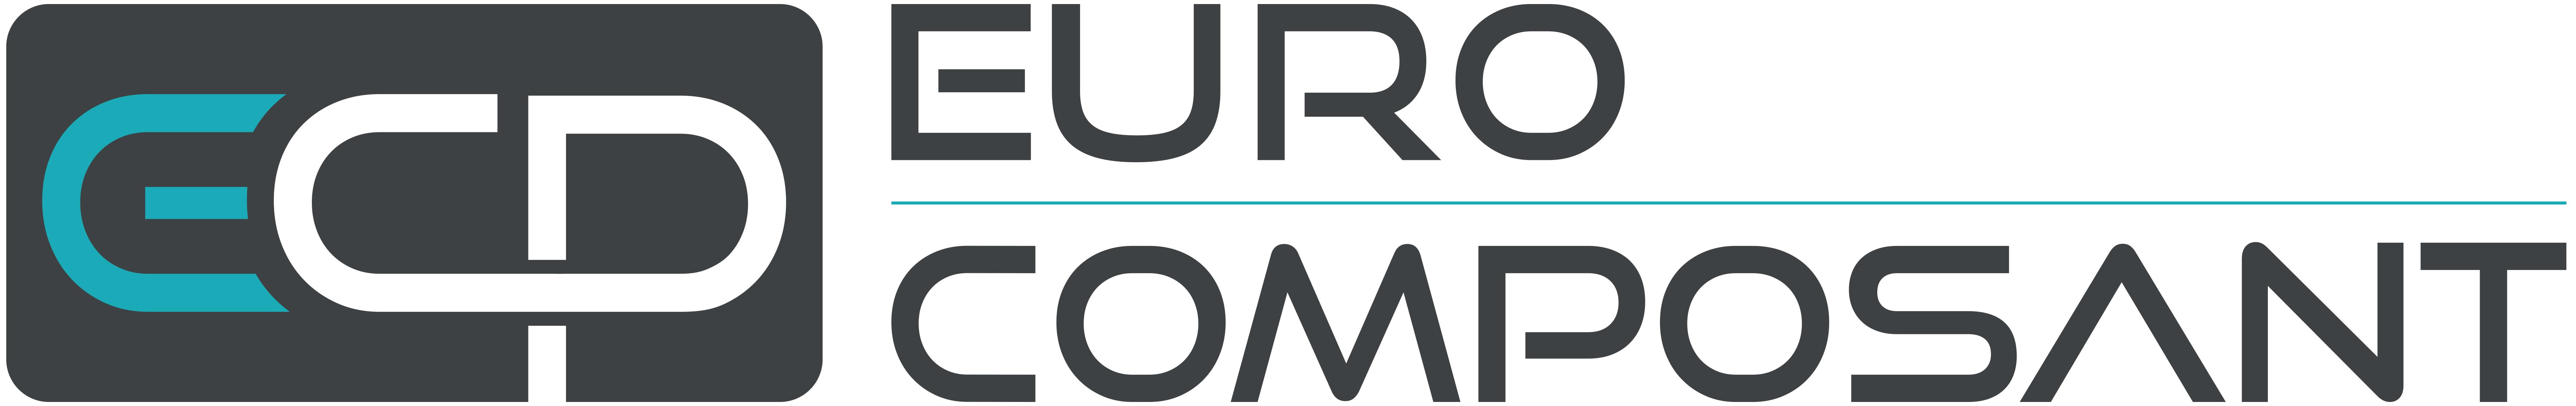 Eurocomposant